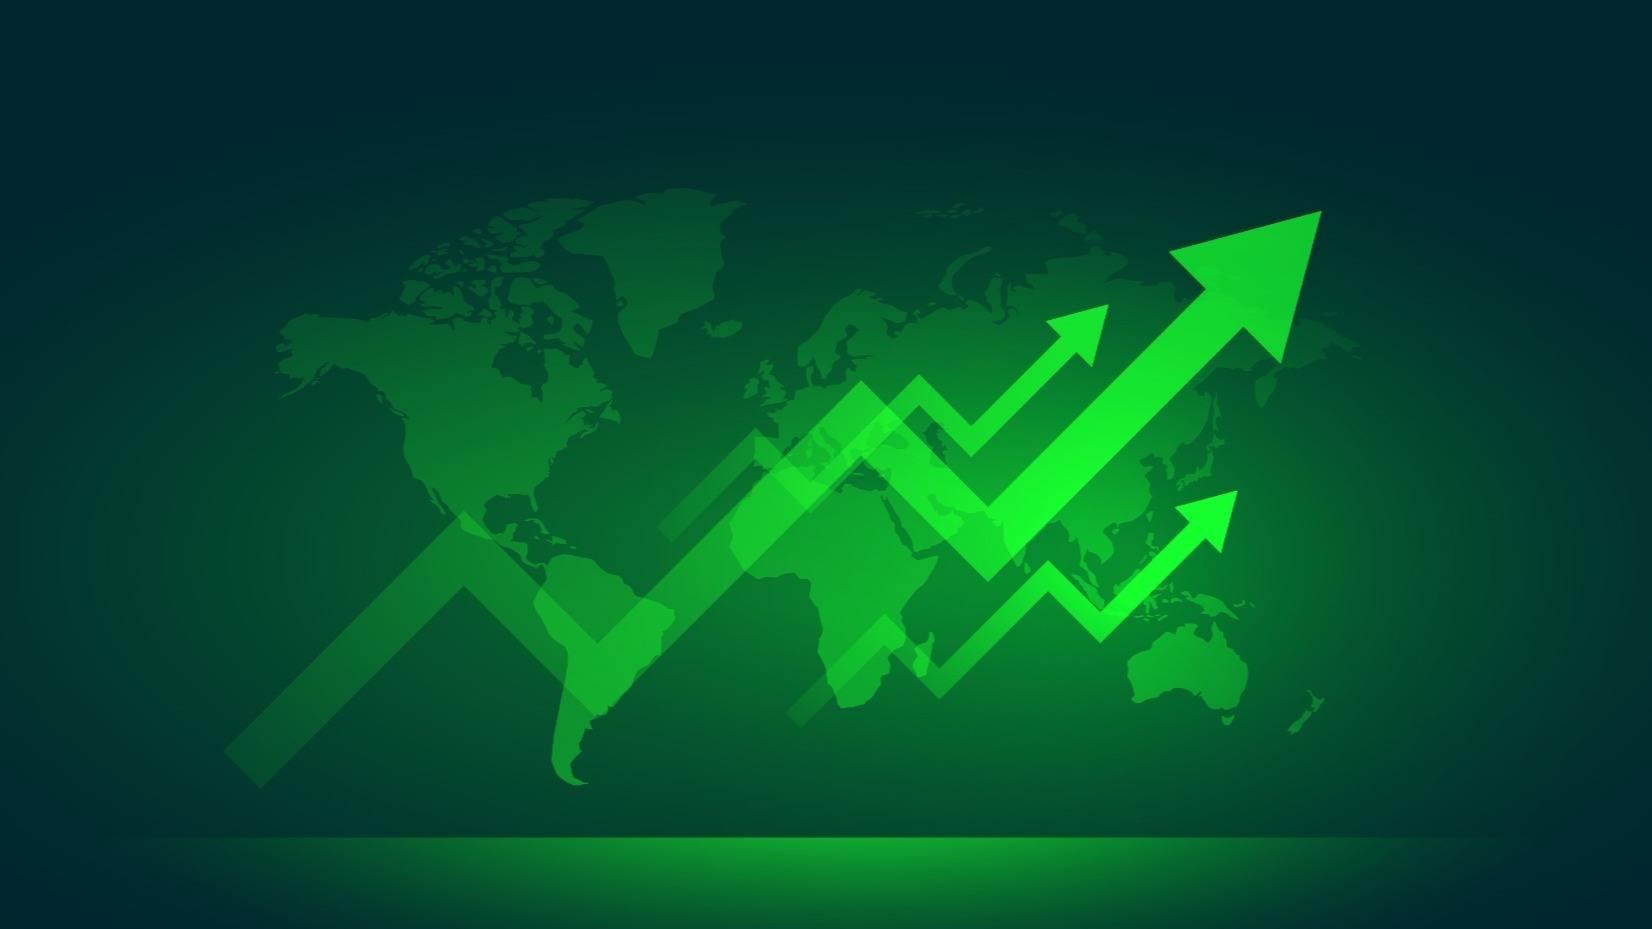 В федеральном правительстве утвердили план трансформации делового климата в сфере экспорта товаров и услуг до 2022 года